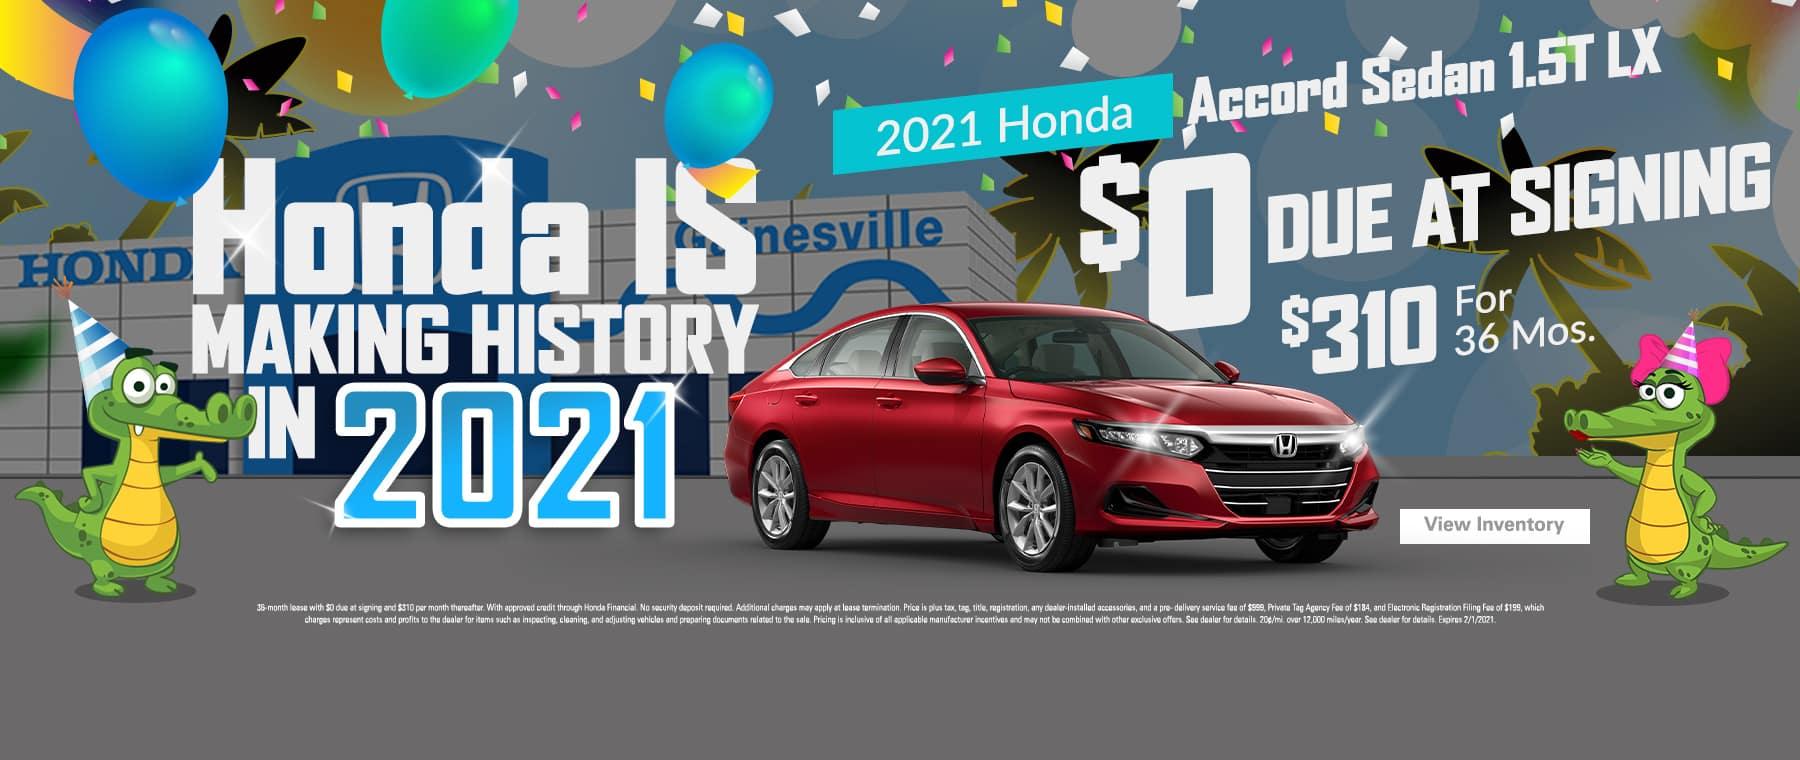 2021 Honda Accord Sedan LX CVT | $0 Due At Signing | $310/Mo For 36 Months